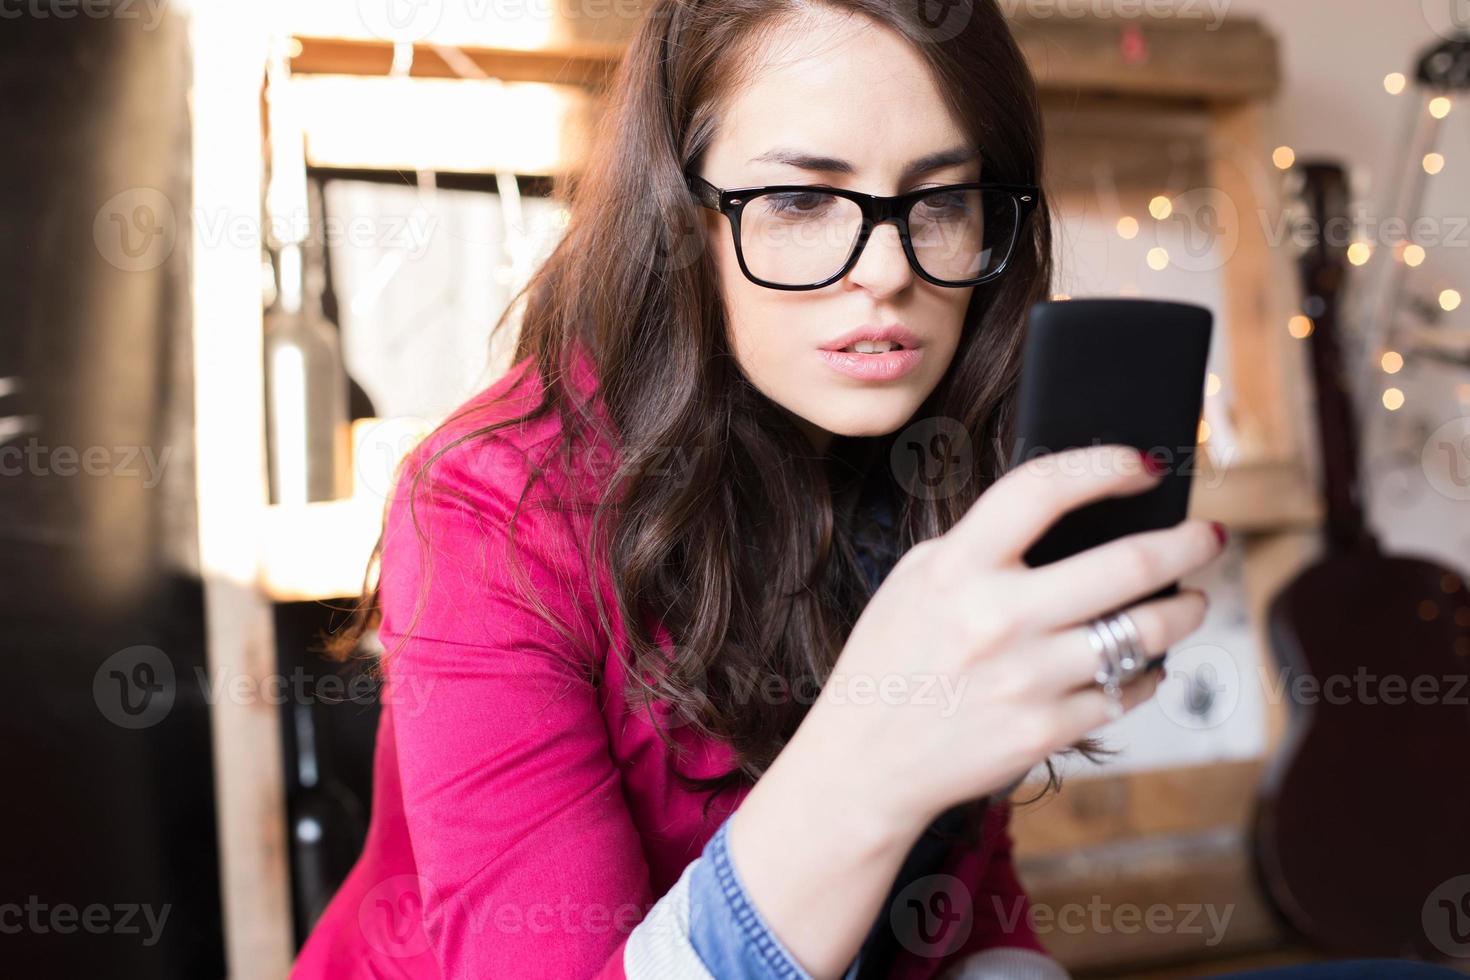 donna giovane bella hipster utilizzando smart phone in ufficio foto